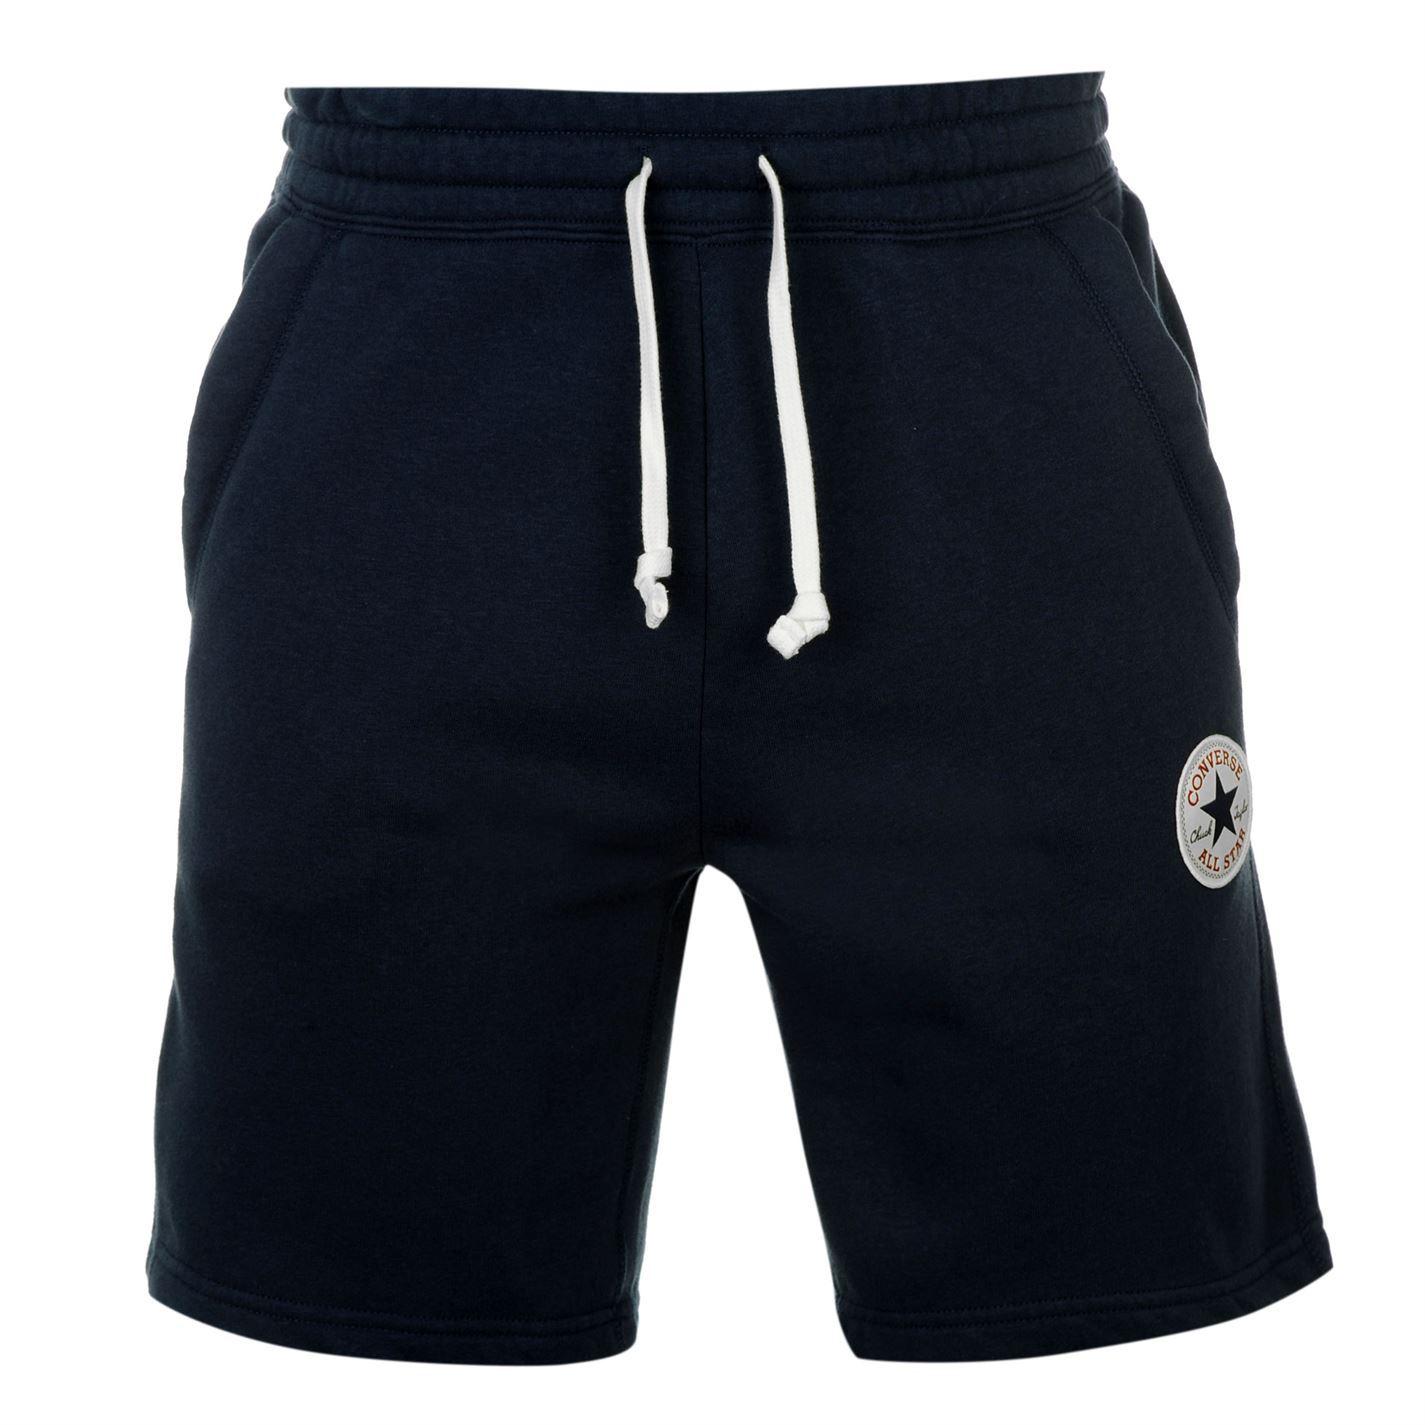 Details about Converse Core Fleece Shorts Mens Pants Shorts Summer Goods show original title